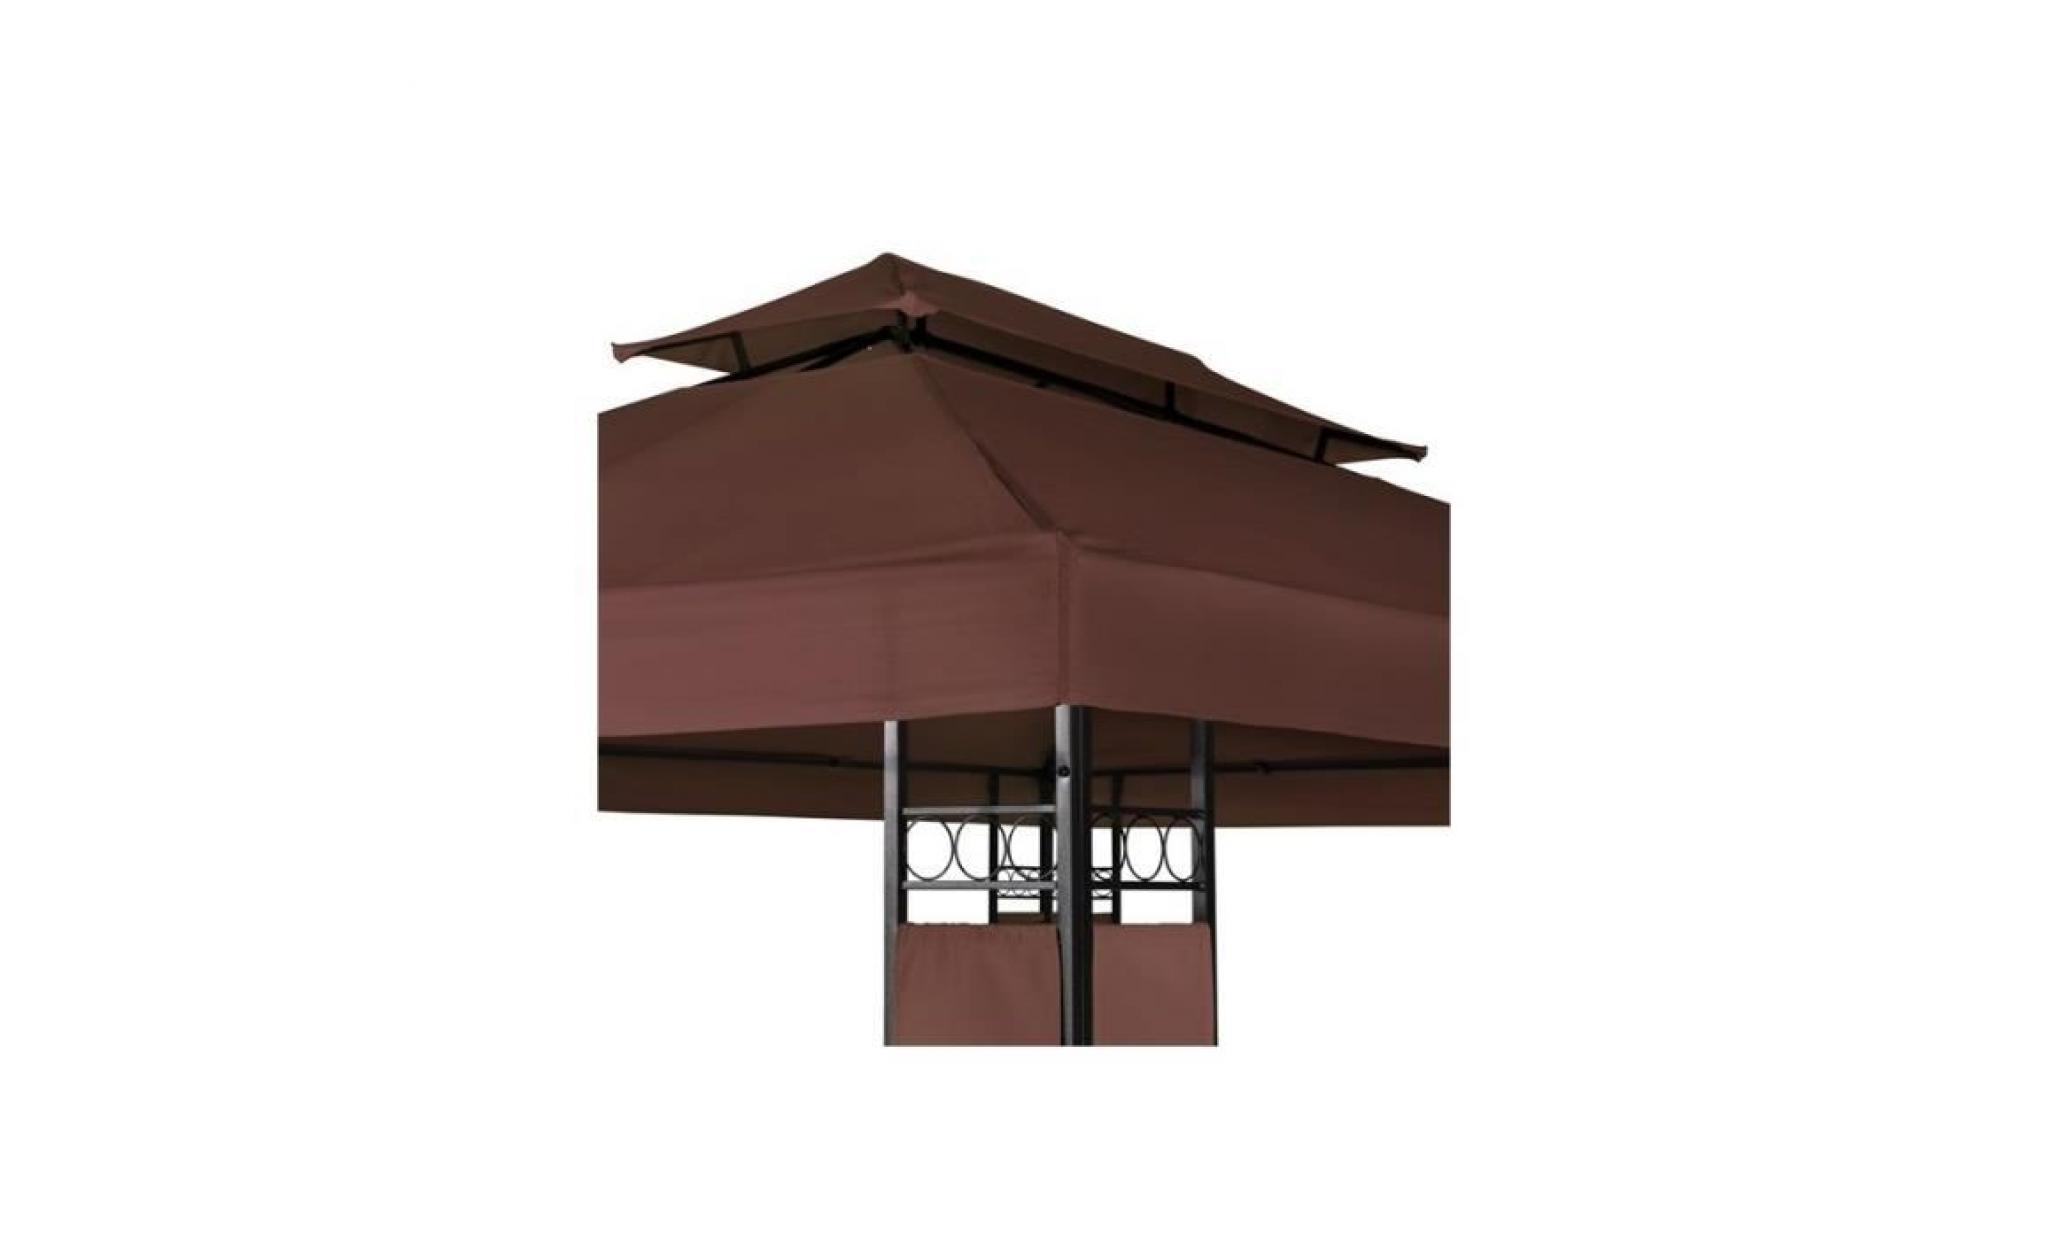 tonnelle de jardin pavillon barnum metal 4x3 marron 2201012 achat vente balancelle de jardin pas cher coindujardin com